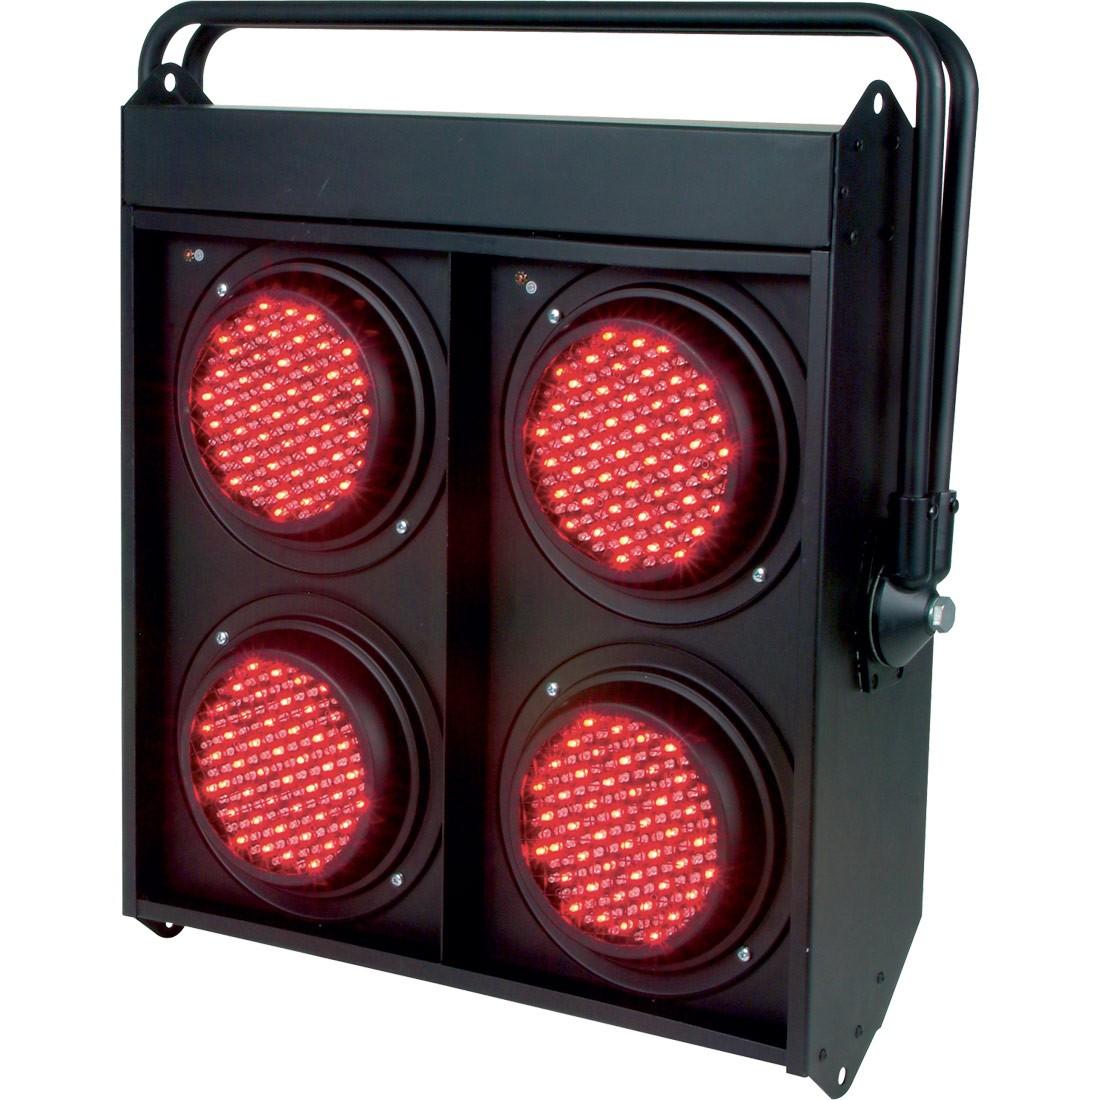 LED PAR 64 Blinder DMX - Işık Arşivi - Işıklar - Ürünler - ADJ